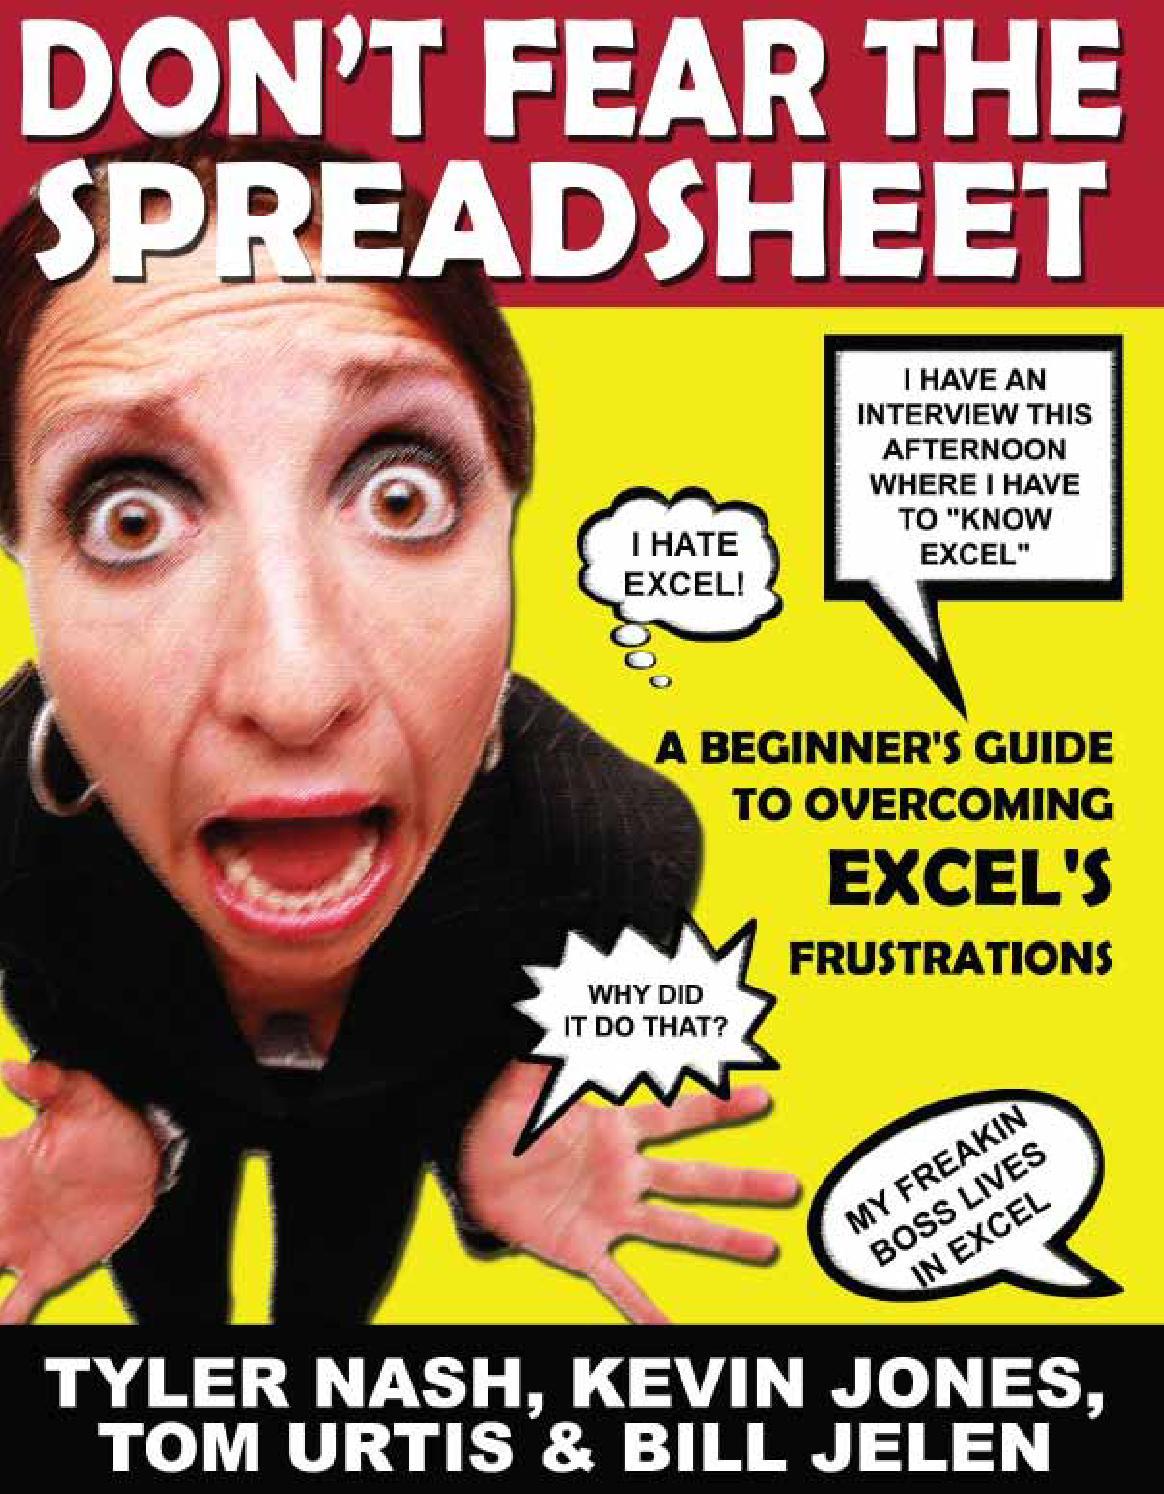 Don't Fear the Spreadsheet Case Studies by Bill Jelen   issuu